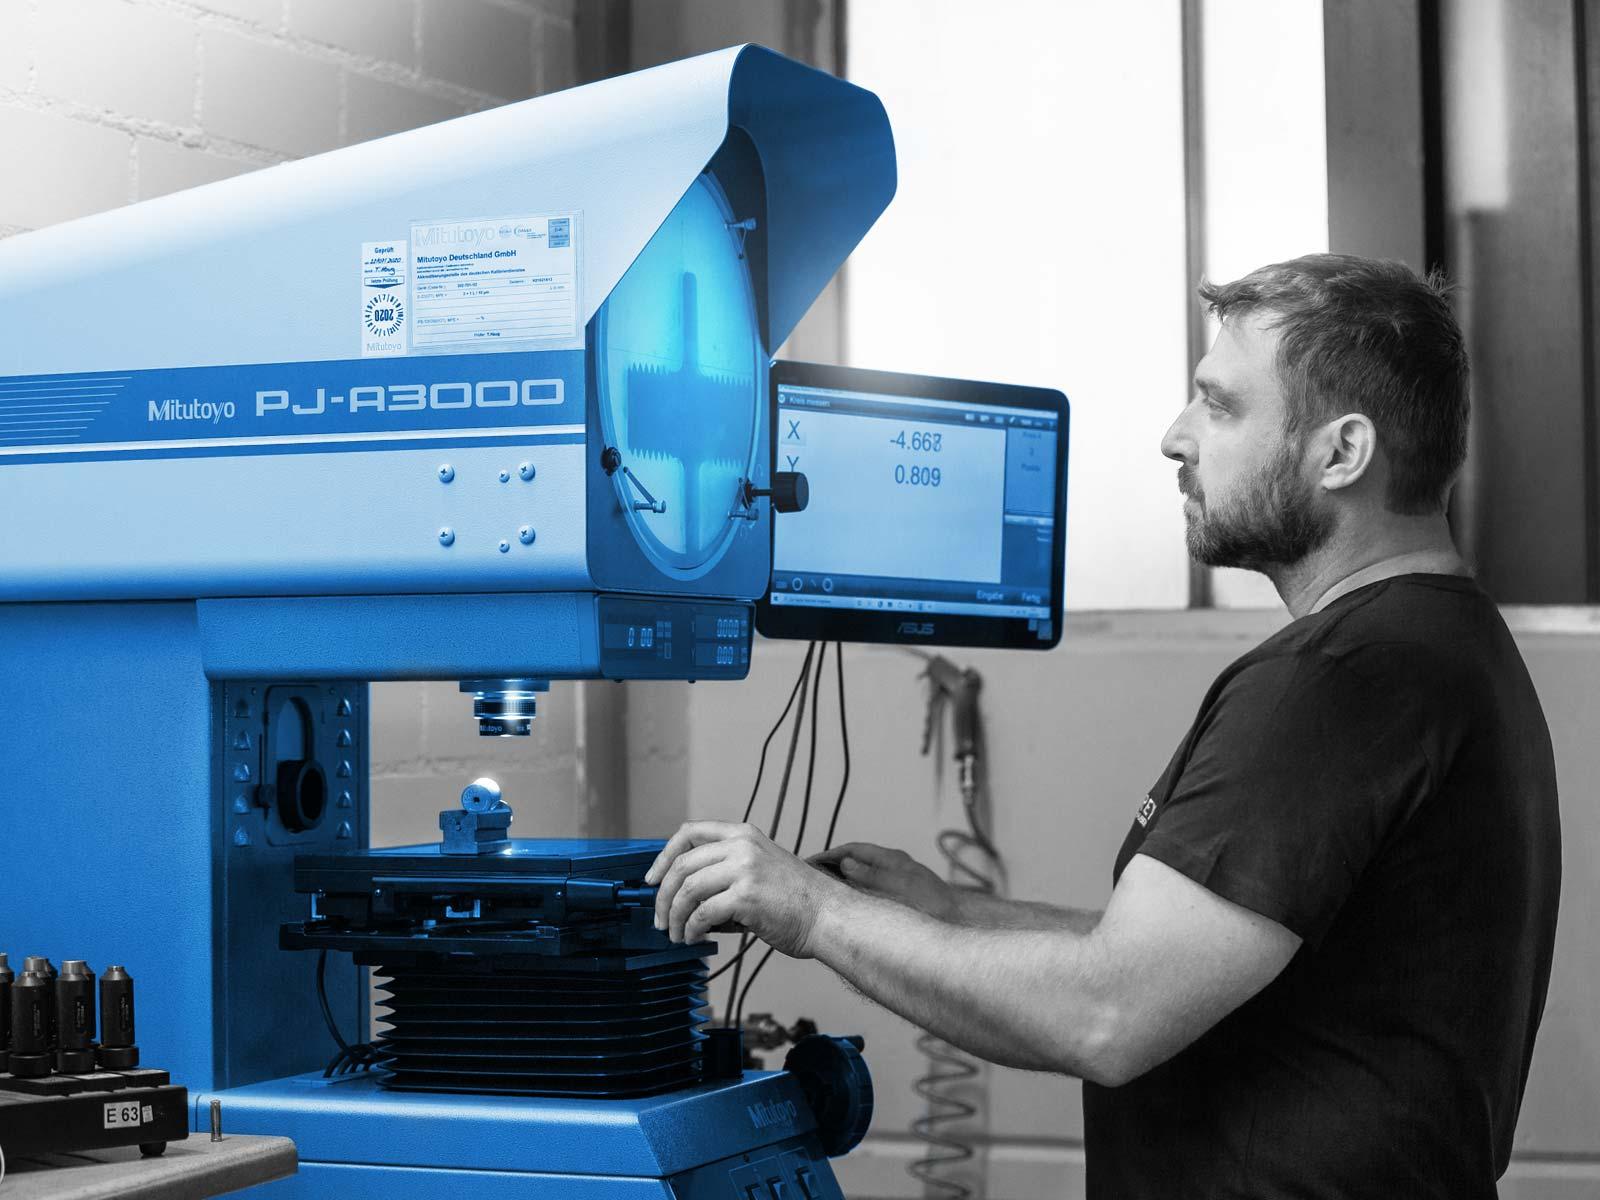 Schrauben Prüflabor zu 100% DAkkS kalibriert